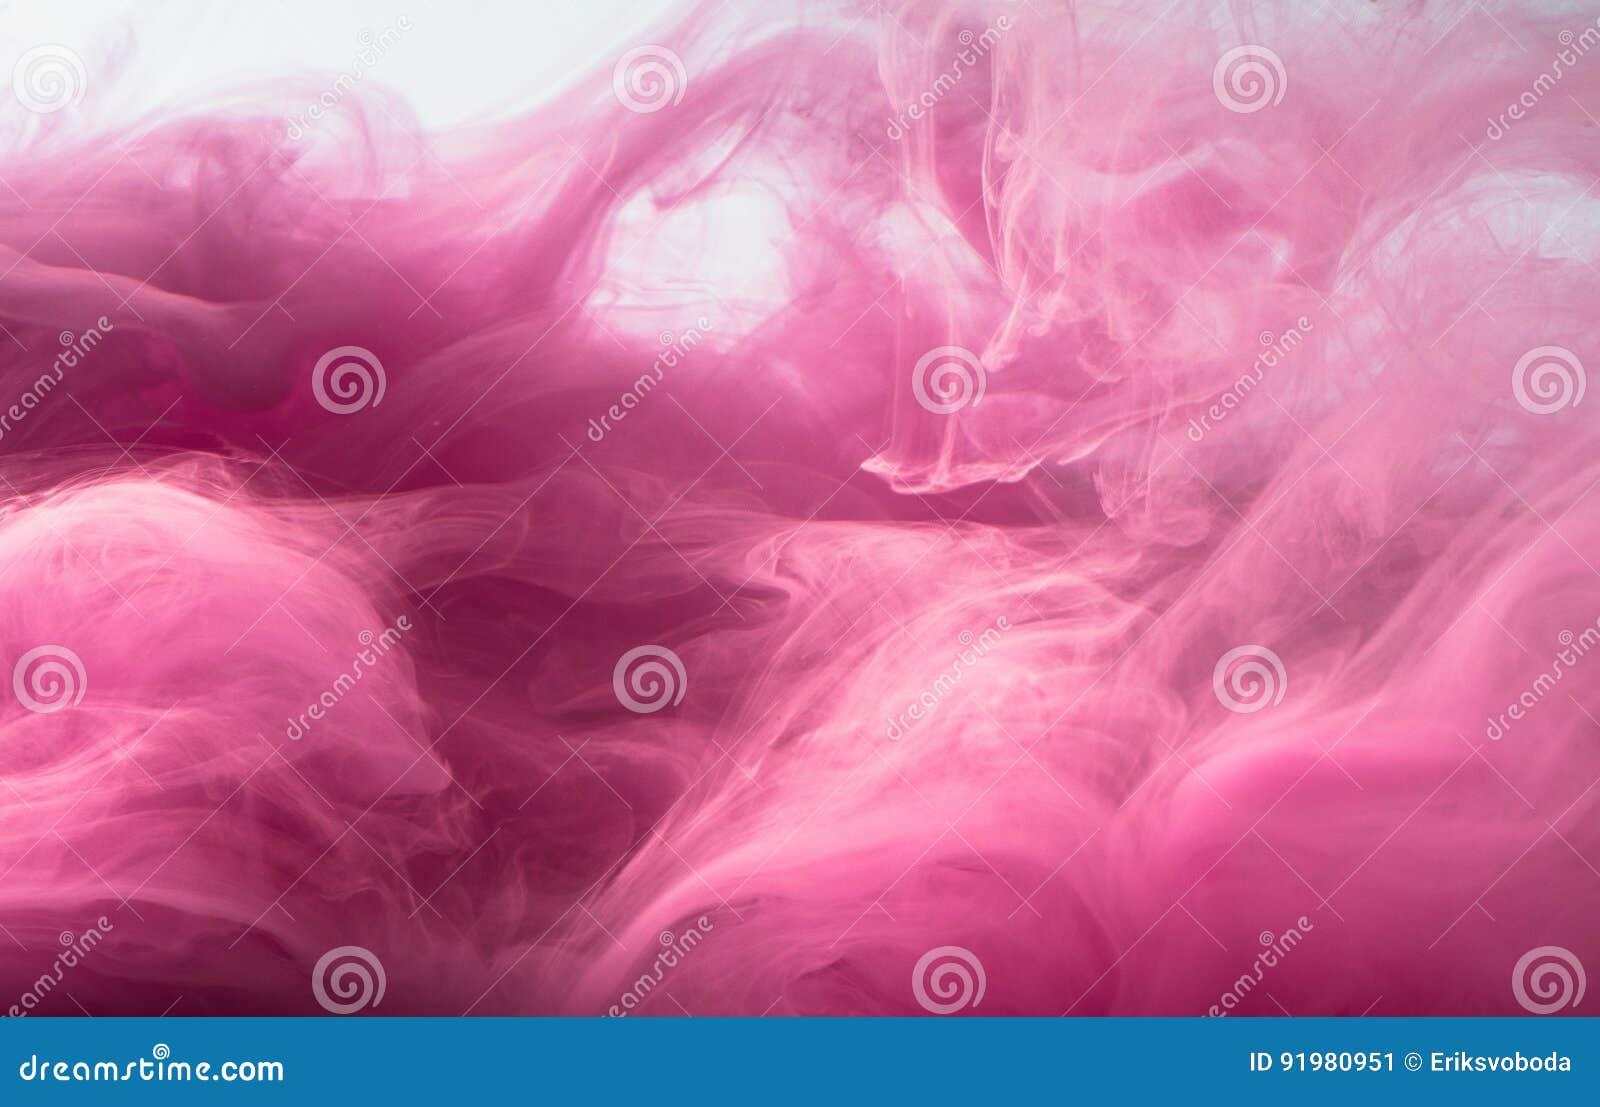 Fondo coloreado extracto Humo rosado, tinta en agua, los modelos del universo Movimiento abstracto, congelado